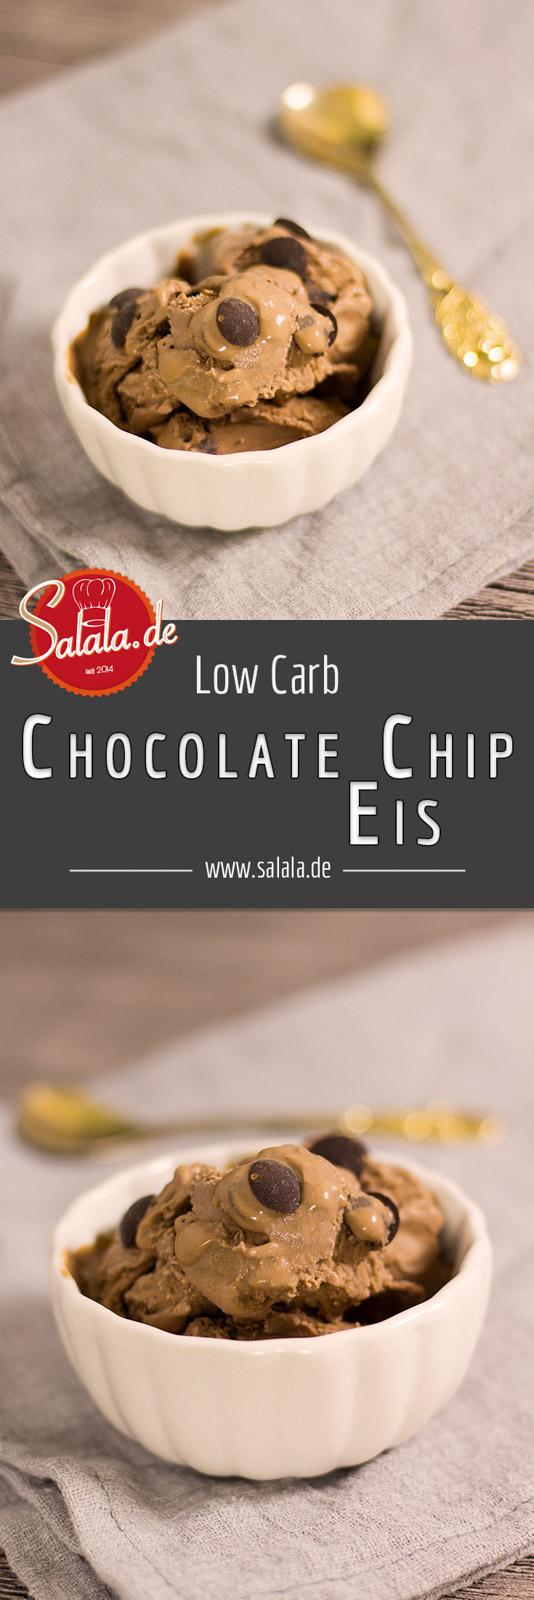 Chocolate Chip Eis ohne Zucker Rezept mit Eismaschine Ibywind YF700 Low Carb